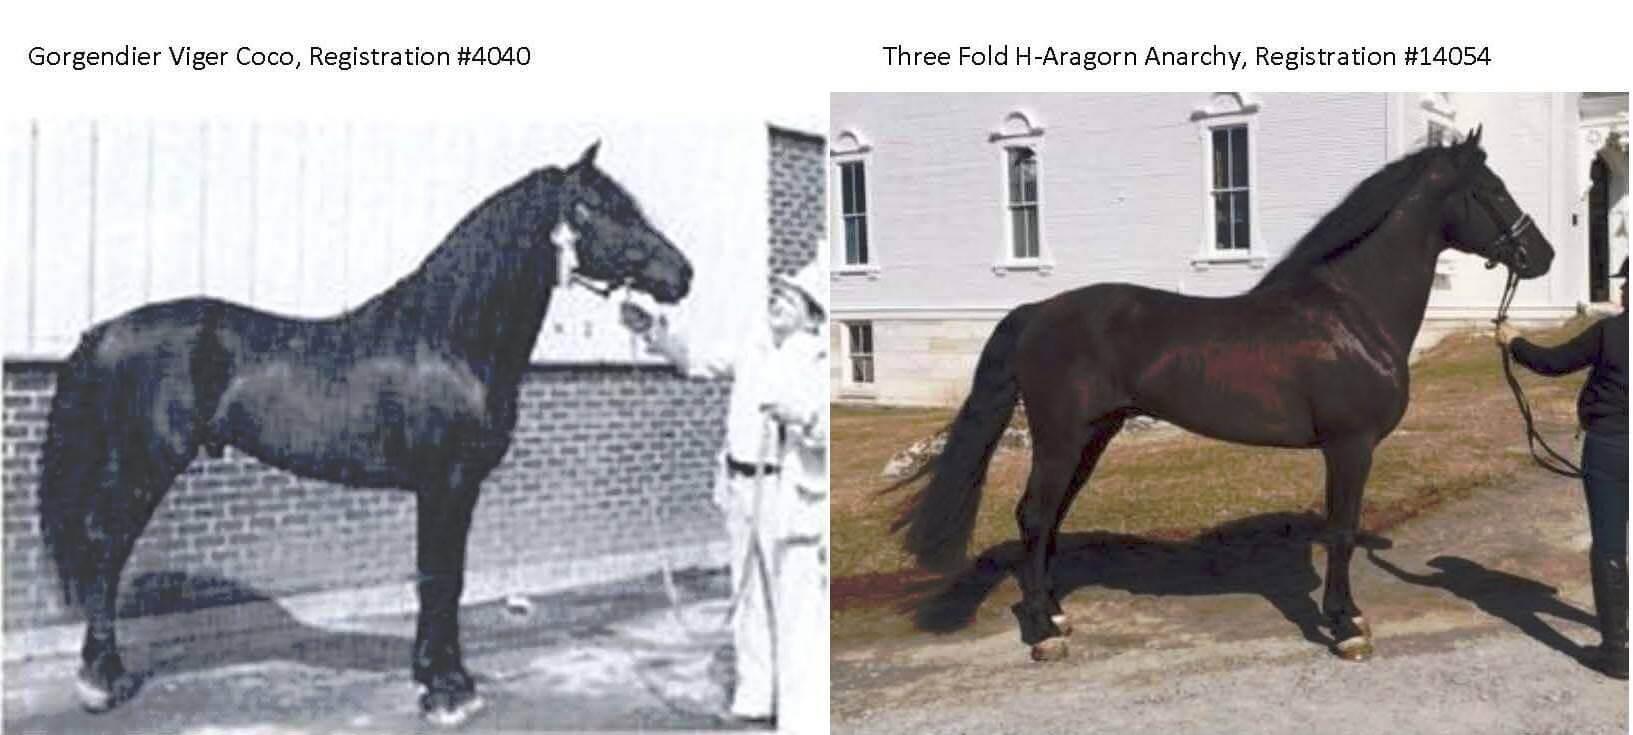 Three Fold H-Aragorn Anarchy